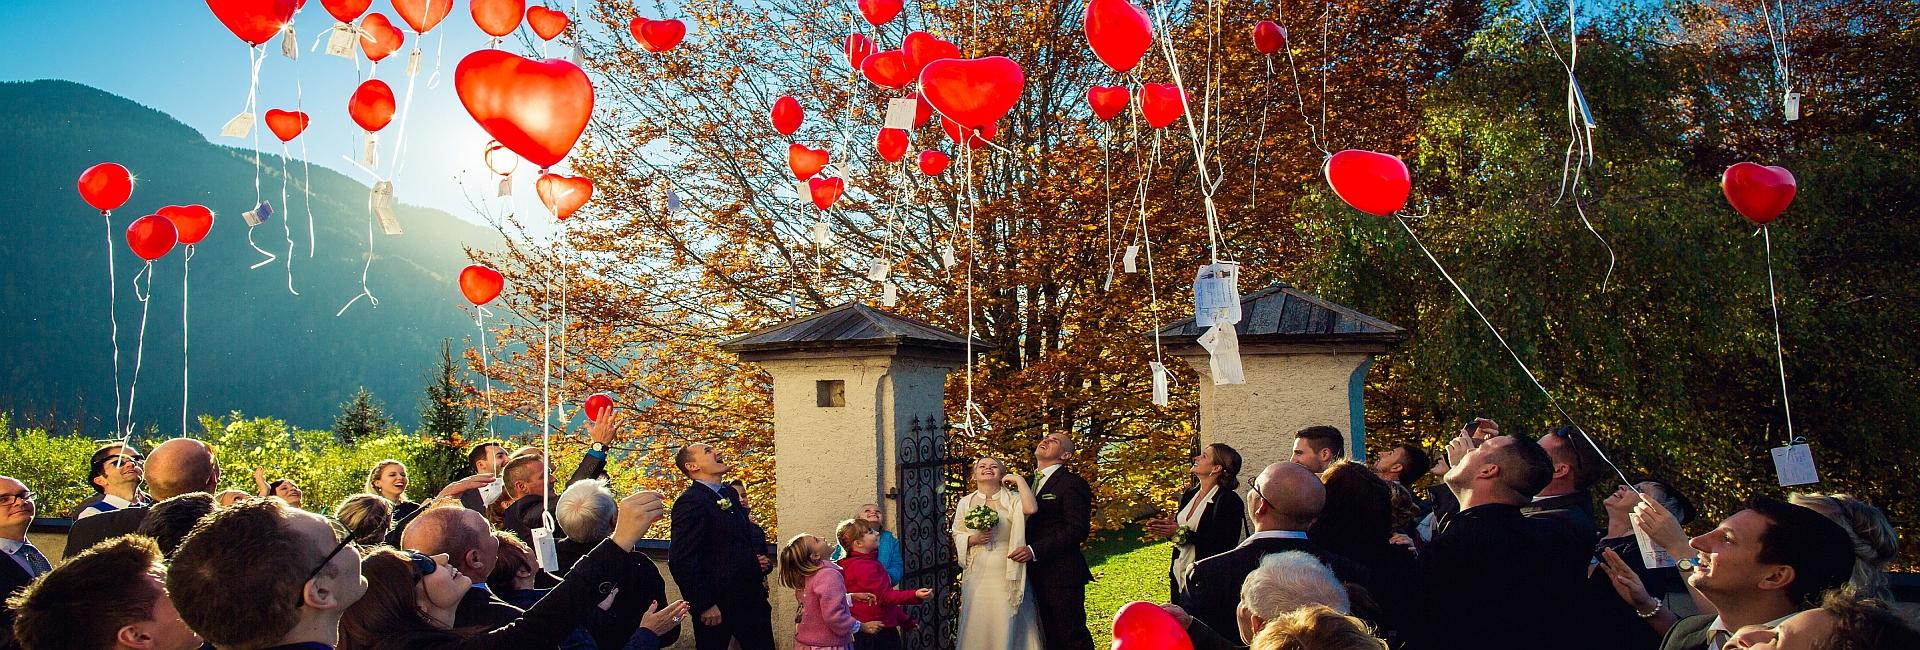 Hochzeit im Schloss, Hochzeitslocation Steiermark, im Schloss heiraten